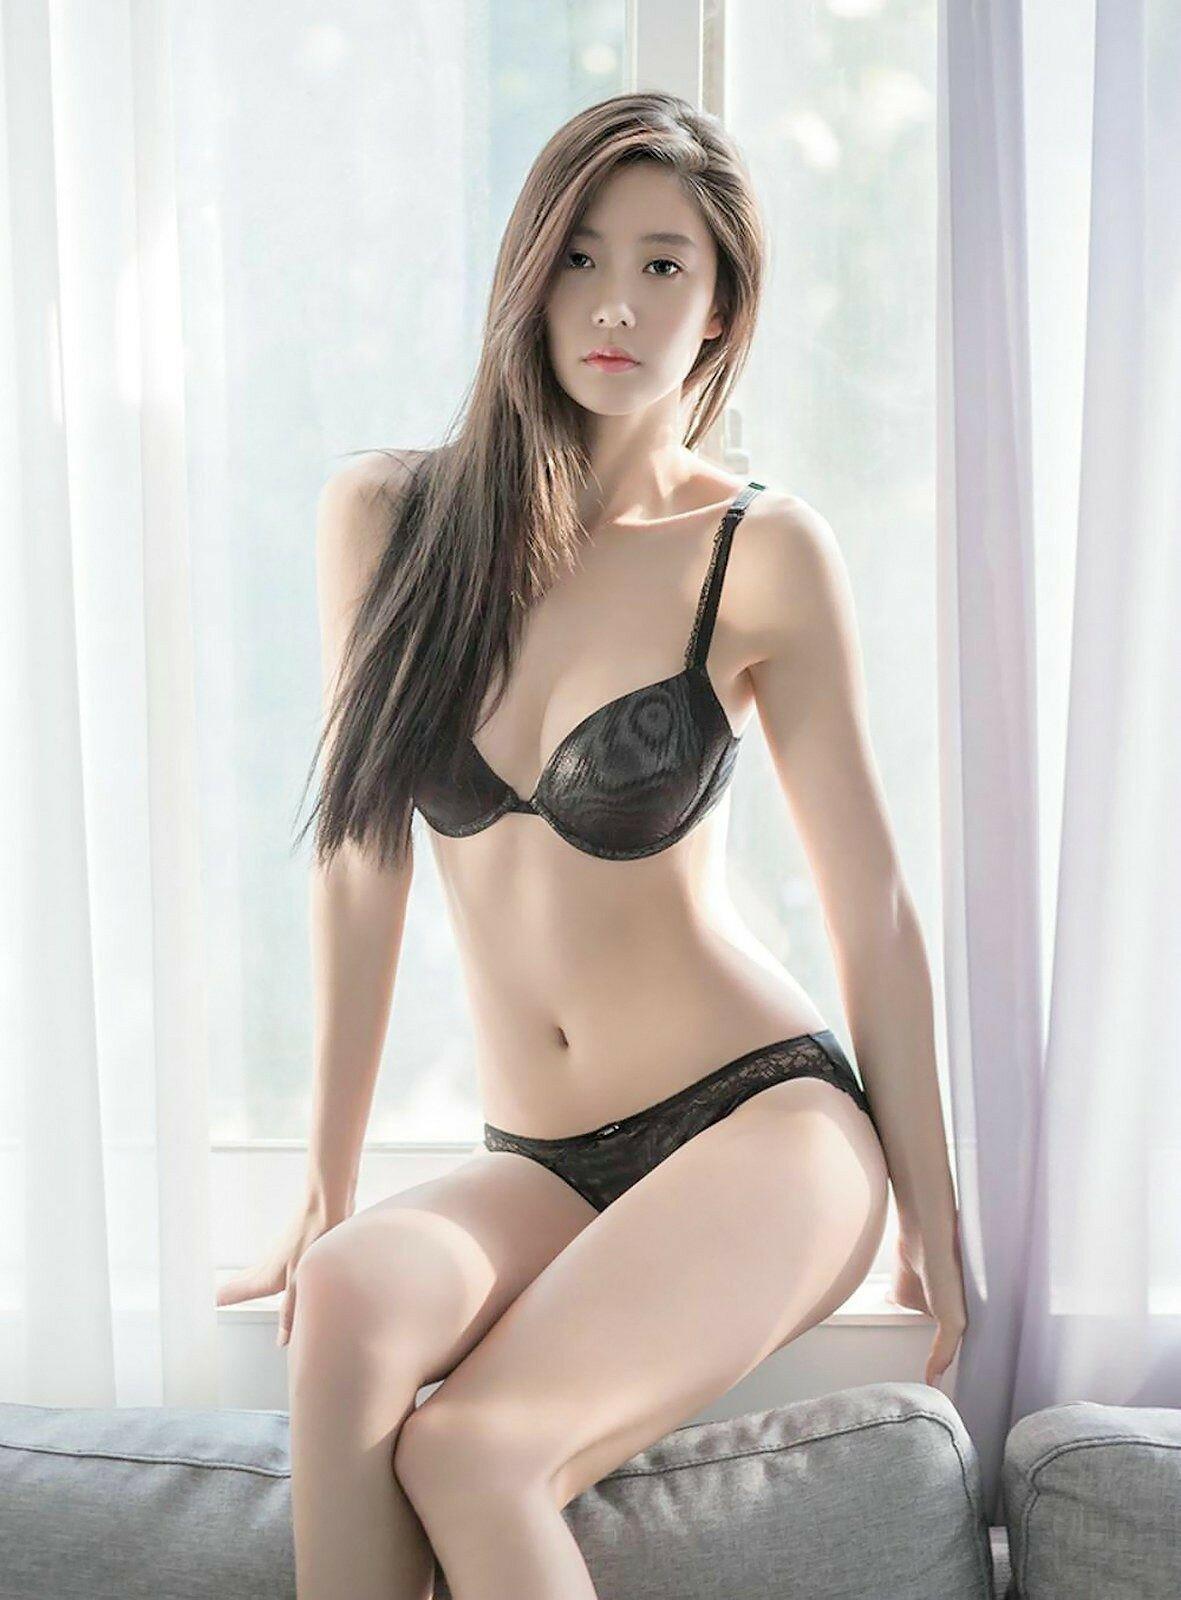 hot-asian-sexy-naked-naked-girls-darth